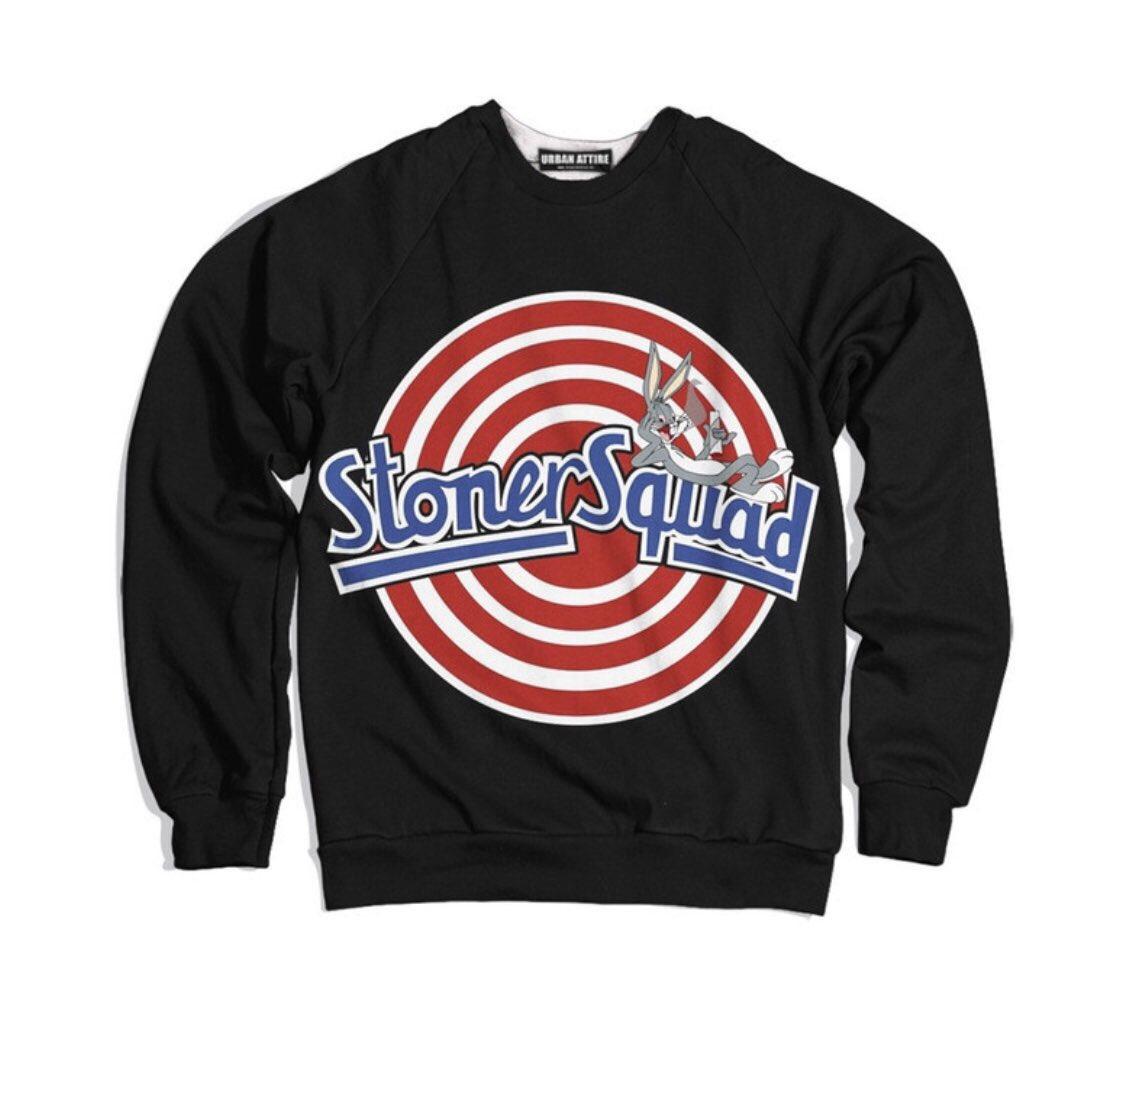 Retweet if you like these sweatshirts 😍...